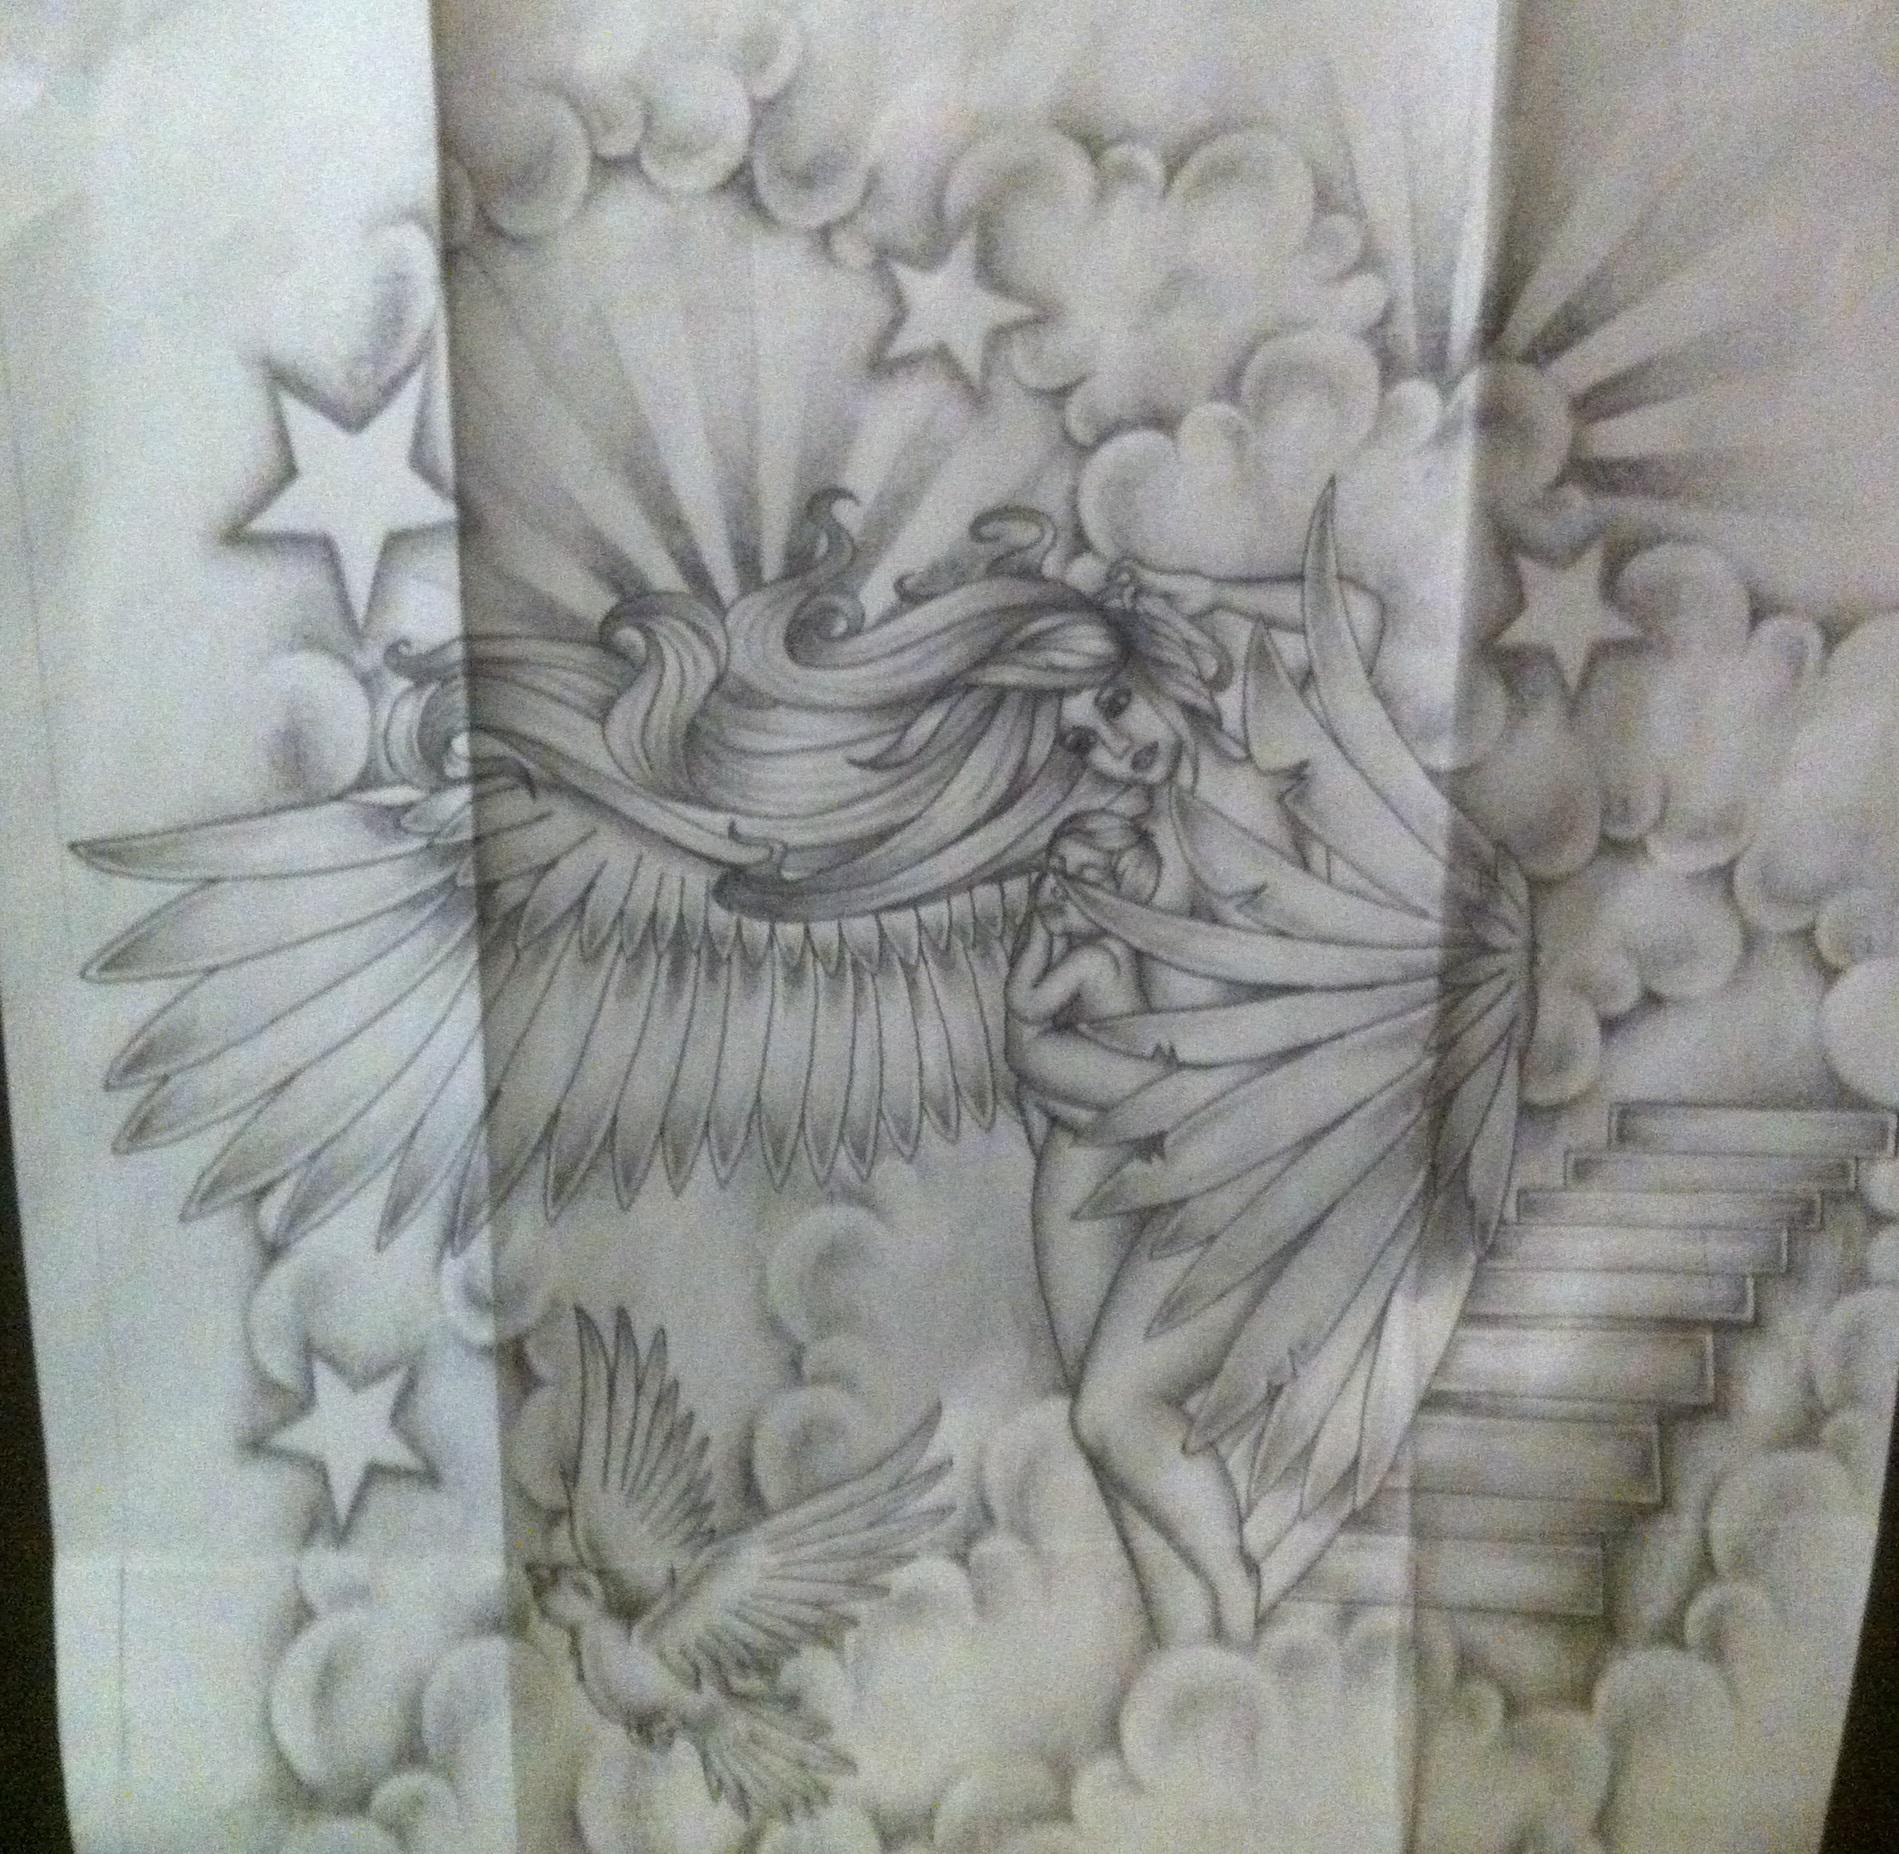 Angel tattoo sleeve design